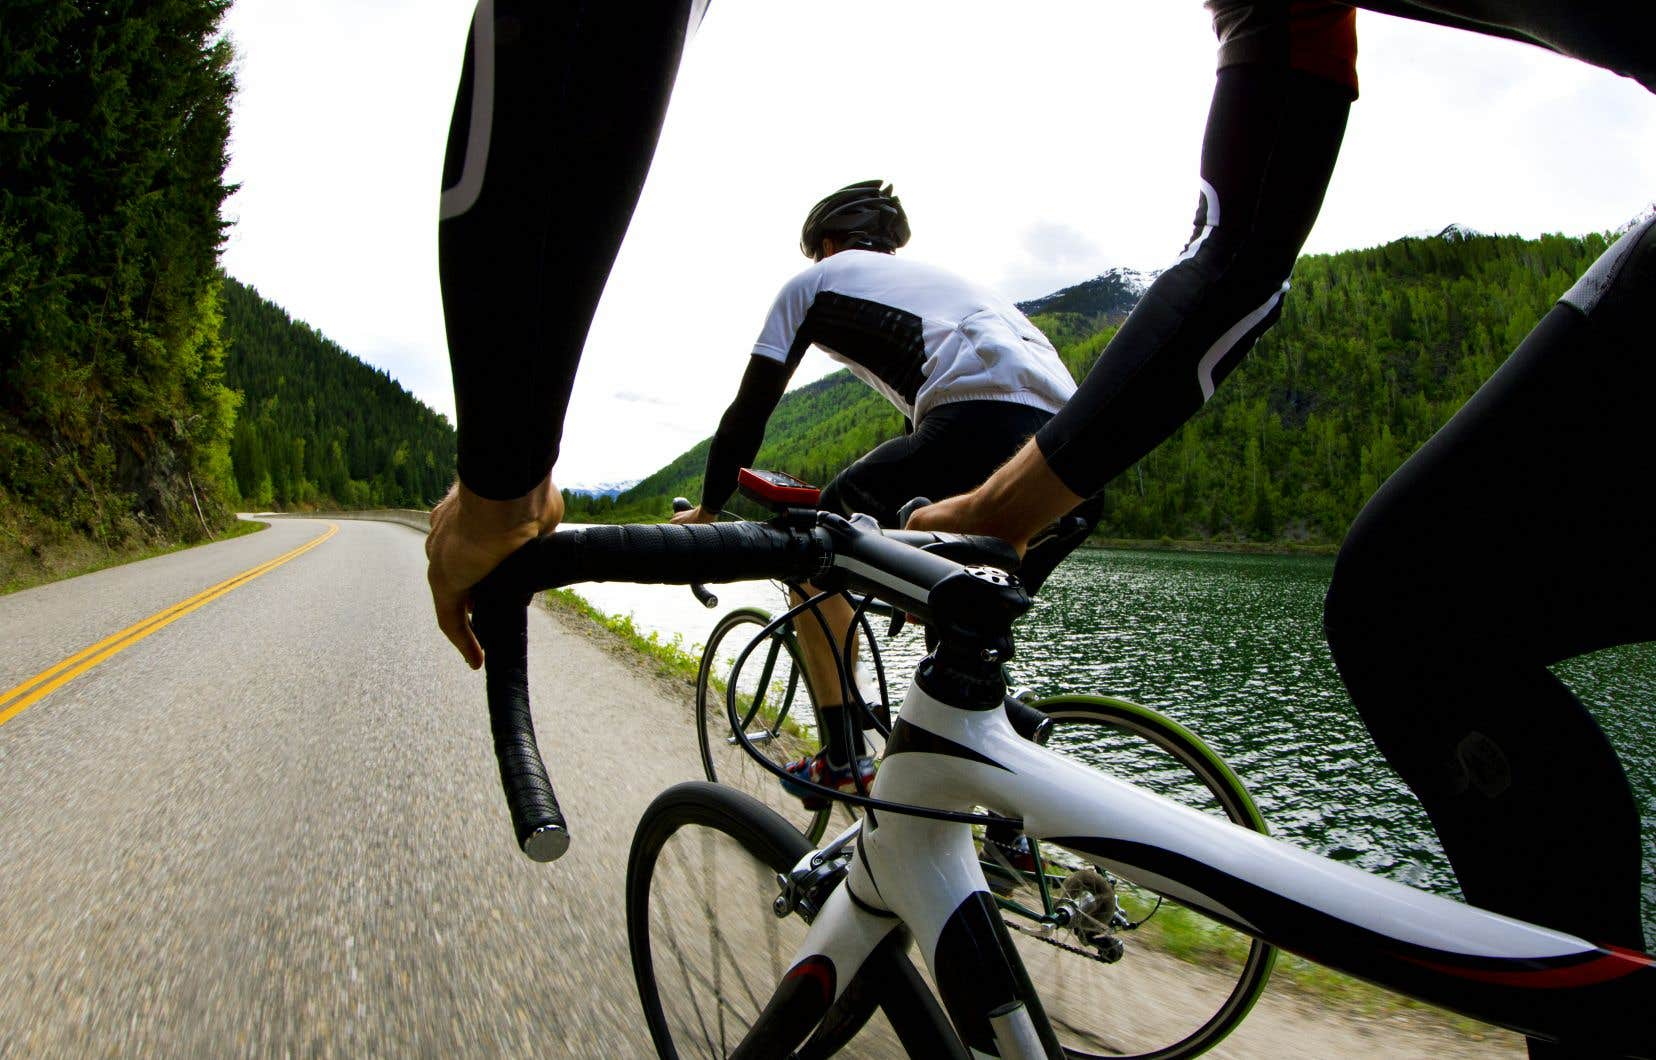 Depuis le début du confinement, le magazine «Espaces»<i>, </i>spécialisé en plein air, a commencé à aborder plus de sujets liés au vélo sur son site Web.